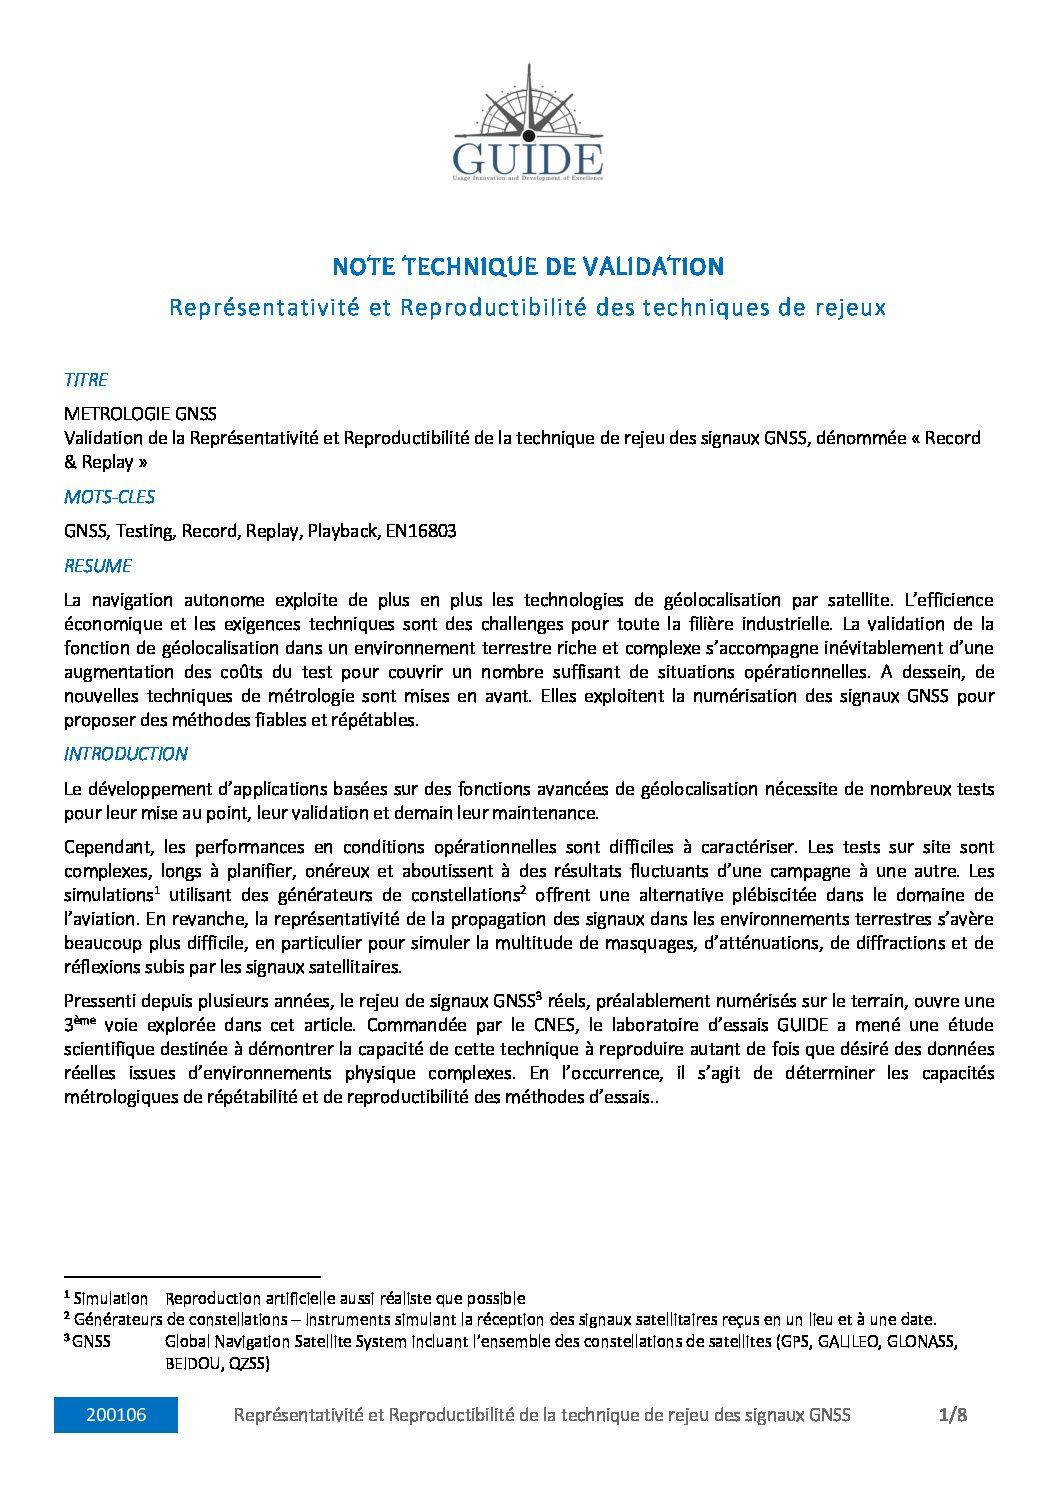 Guide-gnss-record-replay-representativite-reproductivite